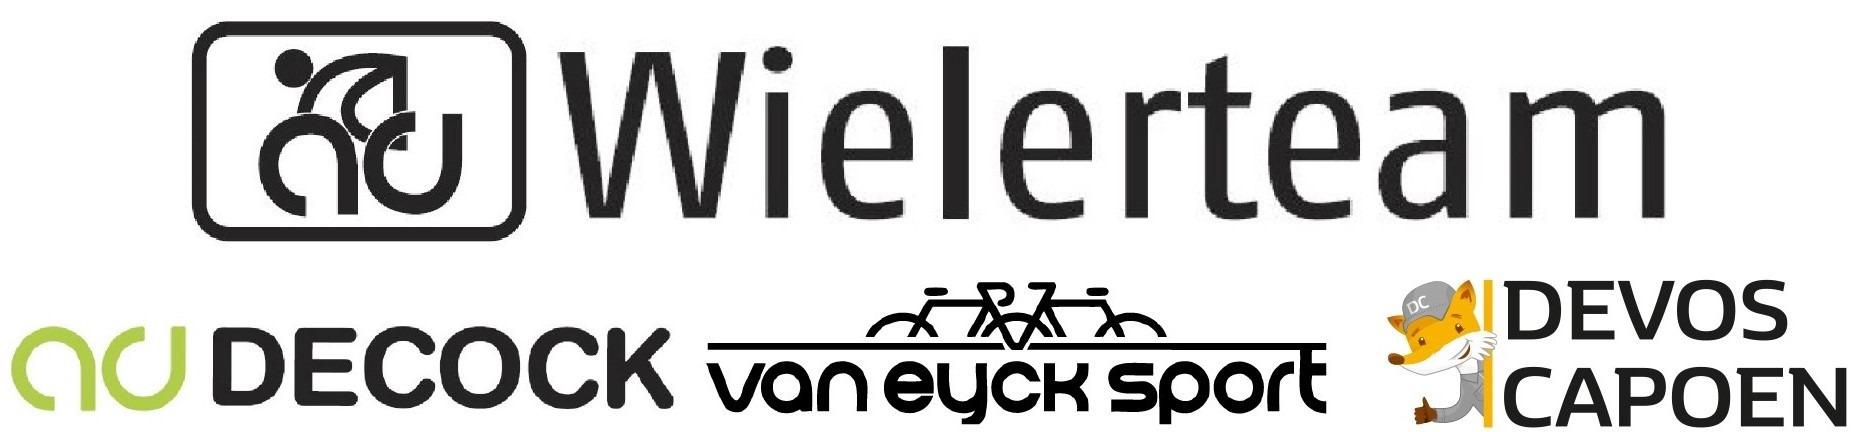 Decock - Van Eyck - Devos Capoen